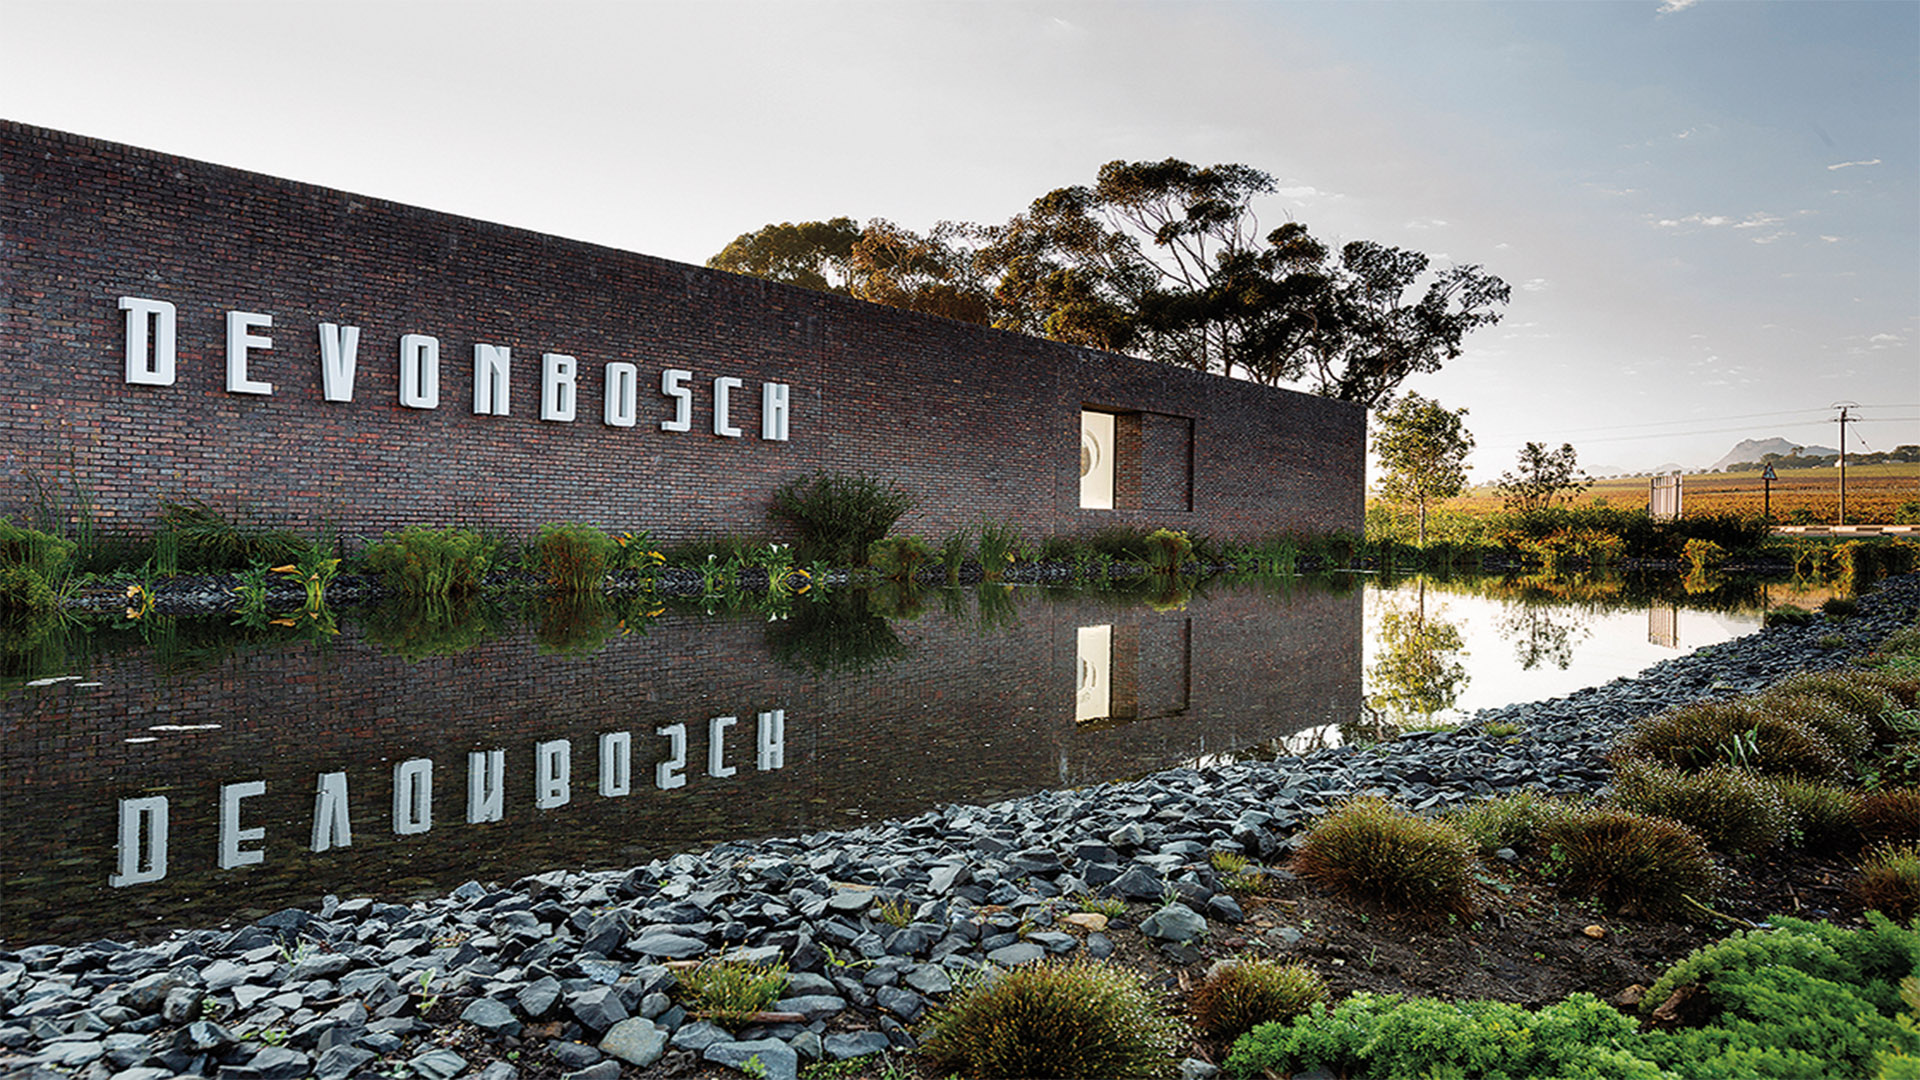 devenbosch-main-image